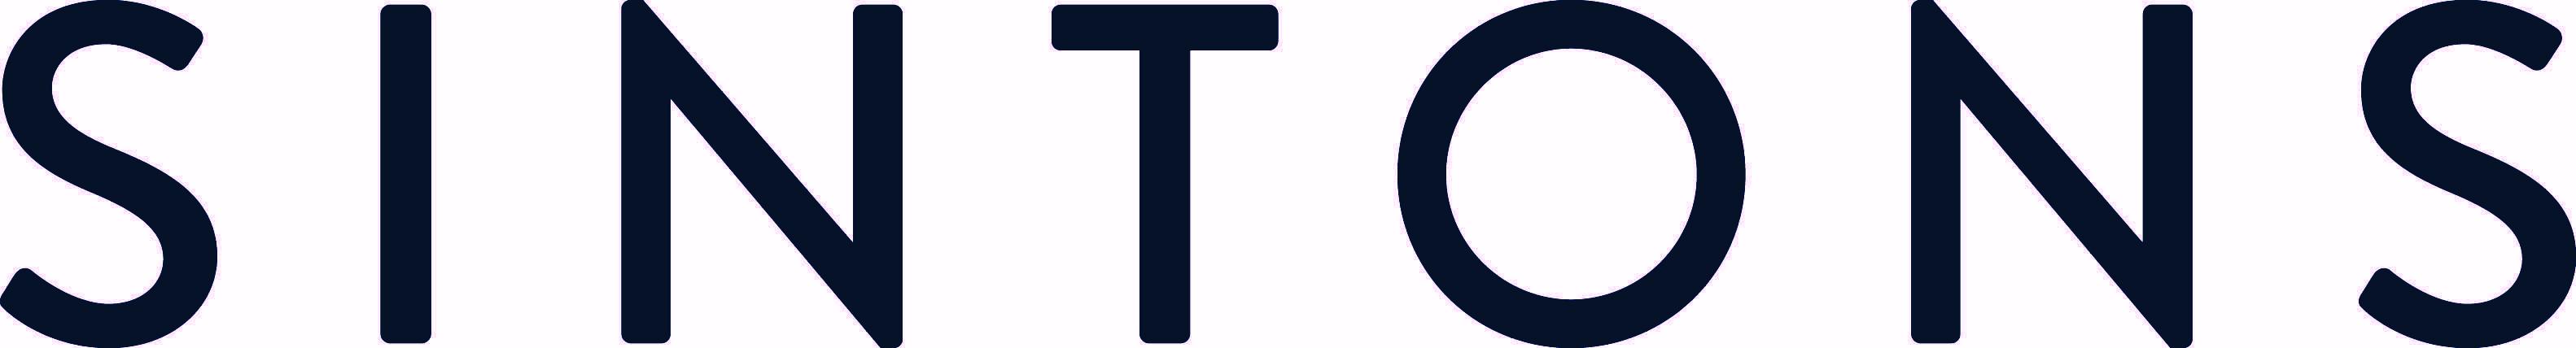 Sintons Law logo